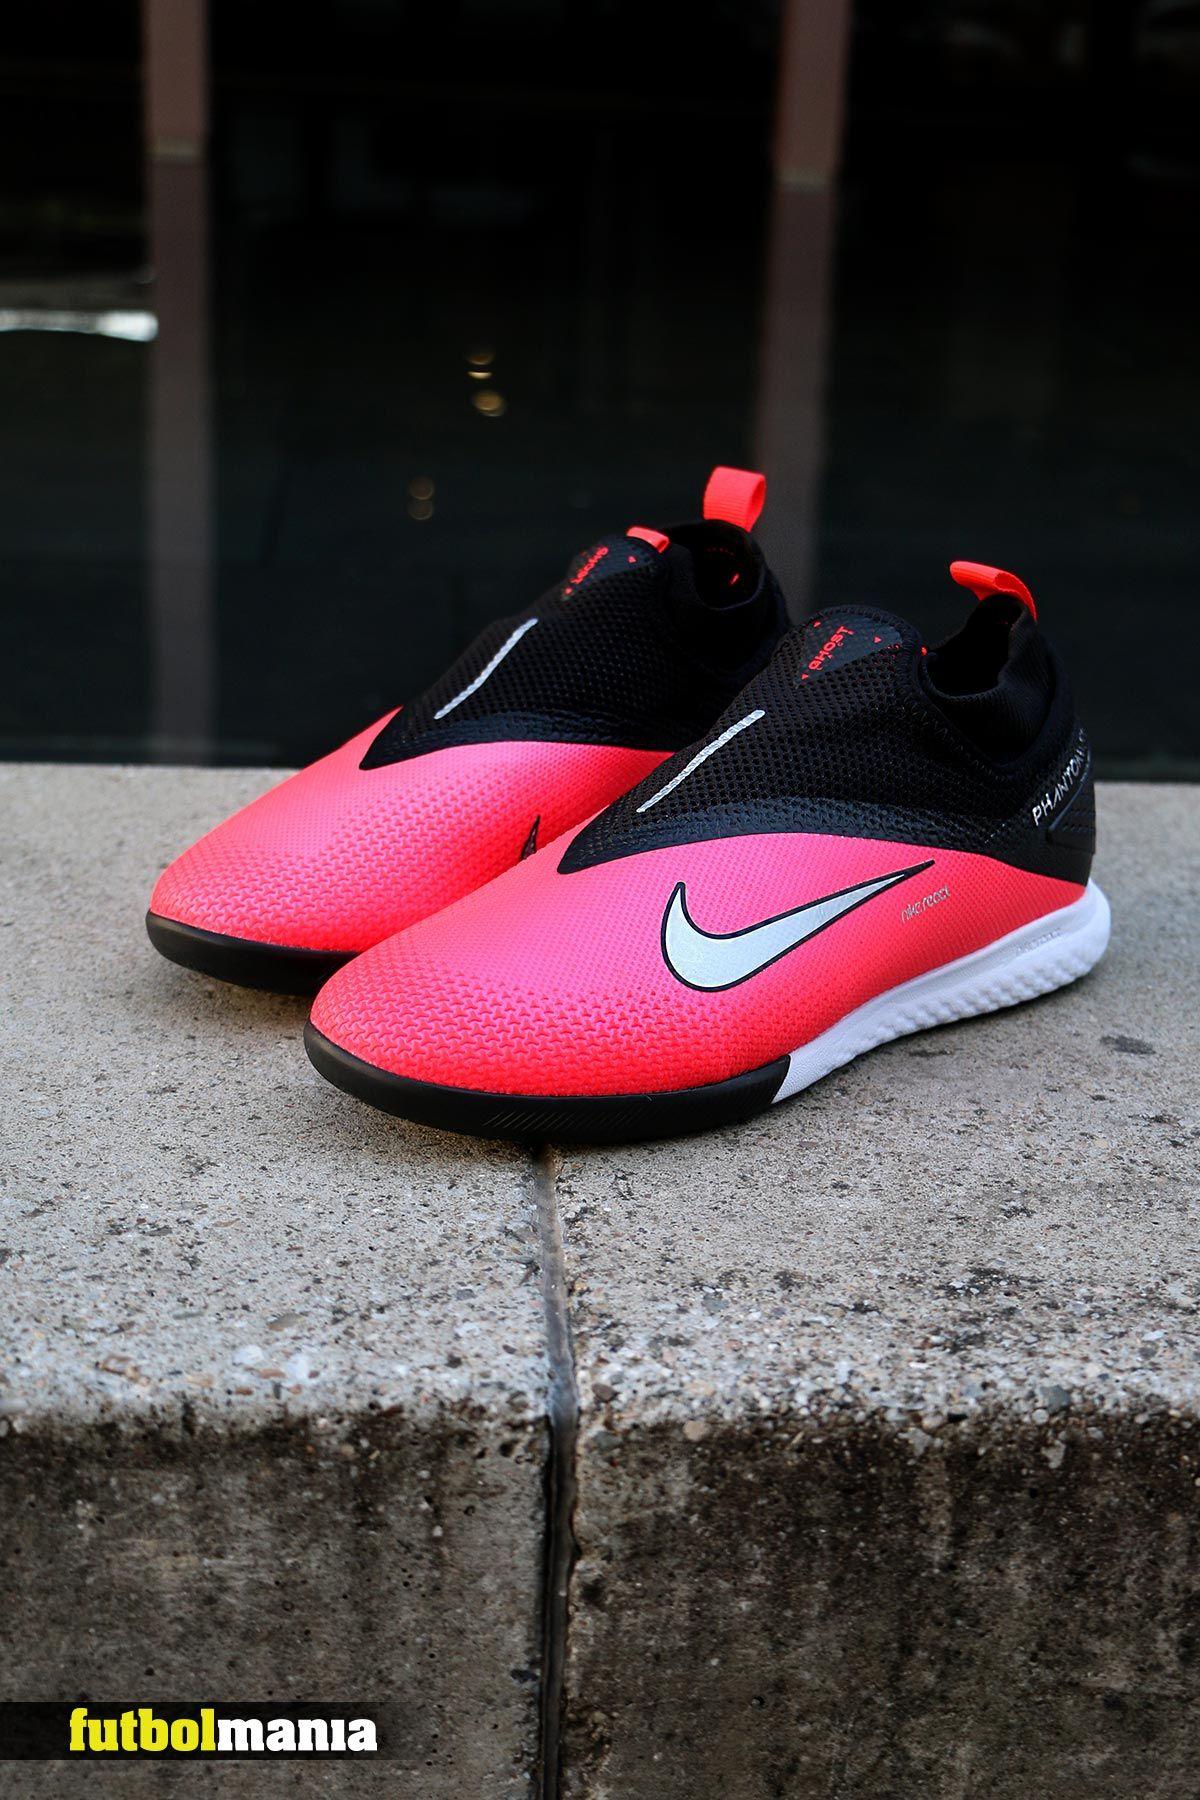 referir pecado cohete  botas de futbol sala nike con tobillera baratas online